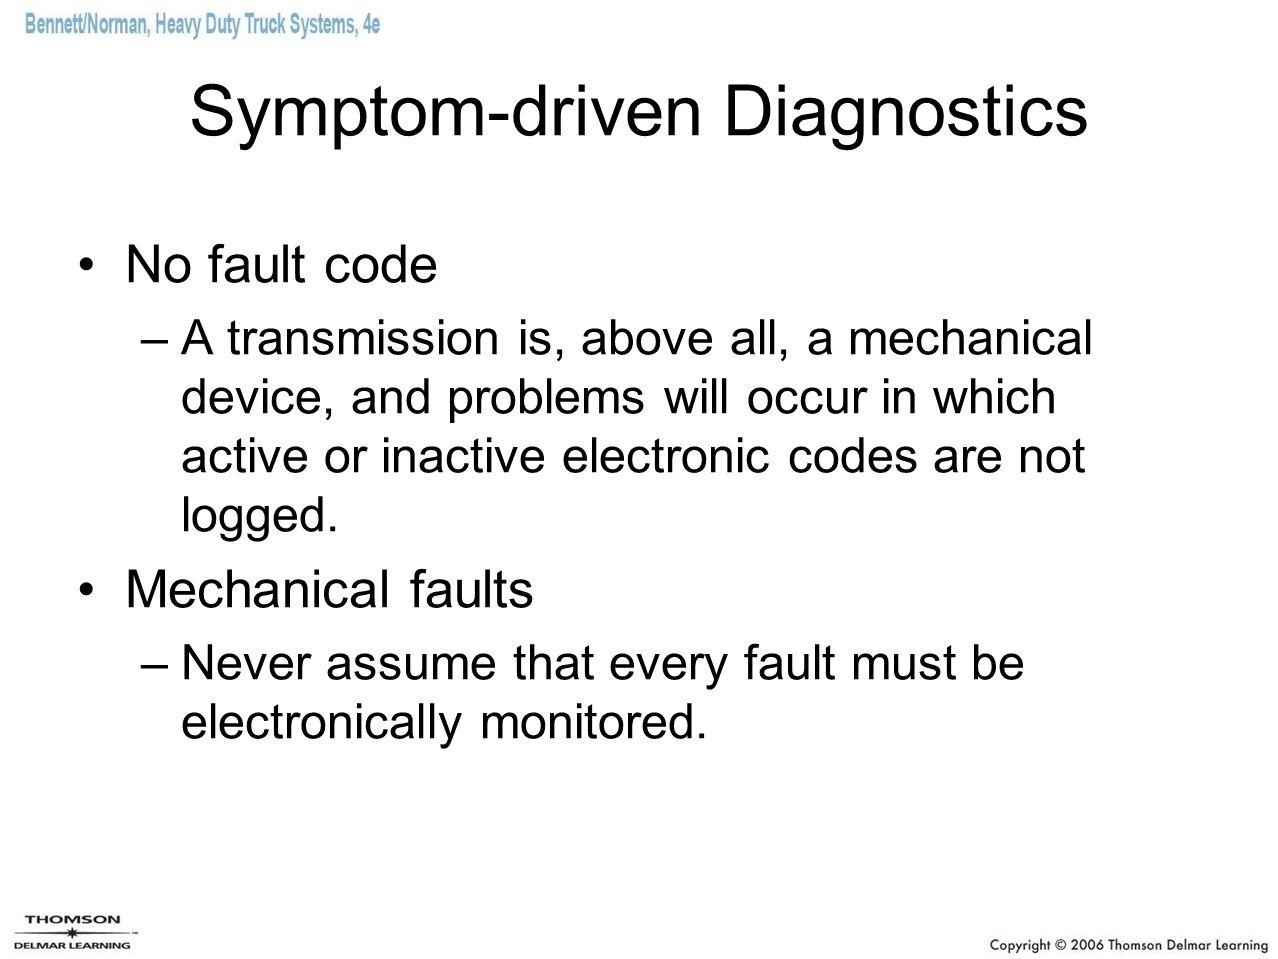 Symptom-driven Diagnostics